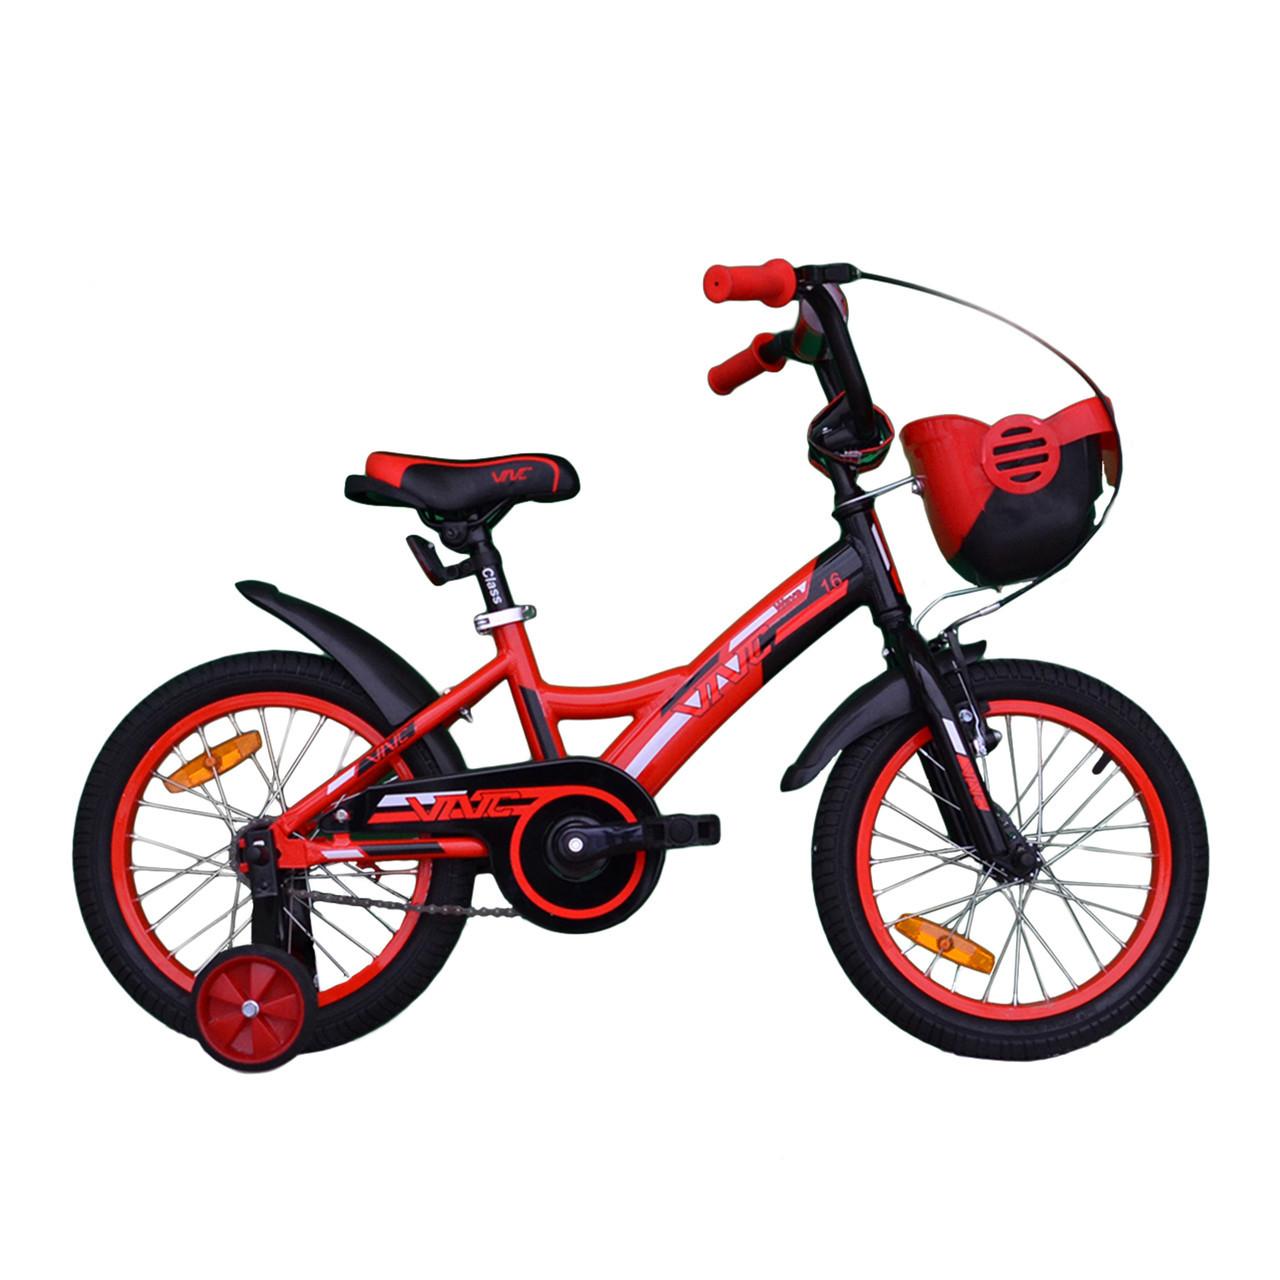 """Велосипед VNC 16"""" Wave, 1619-GA, Красный / Черный 8.5"""""""